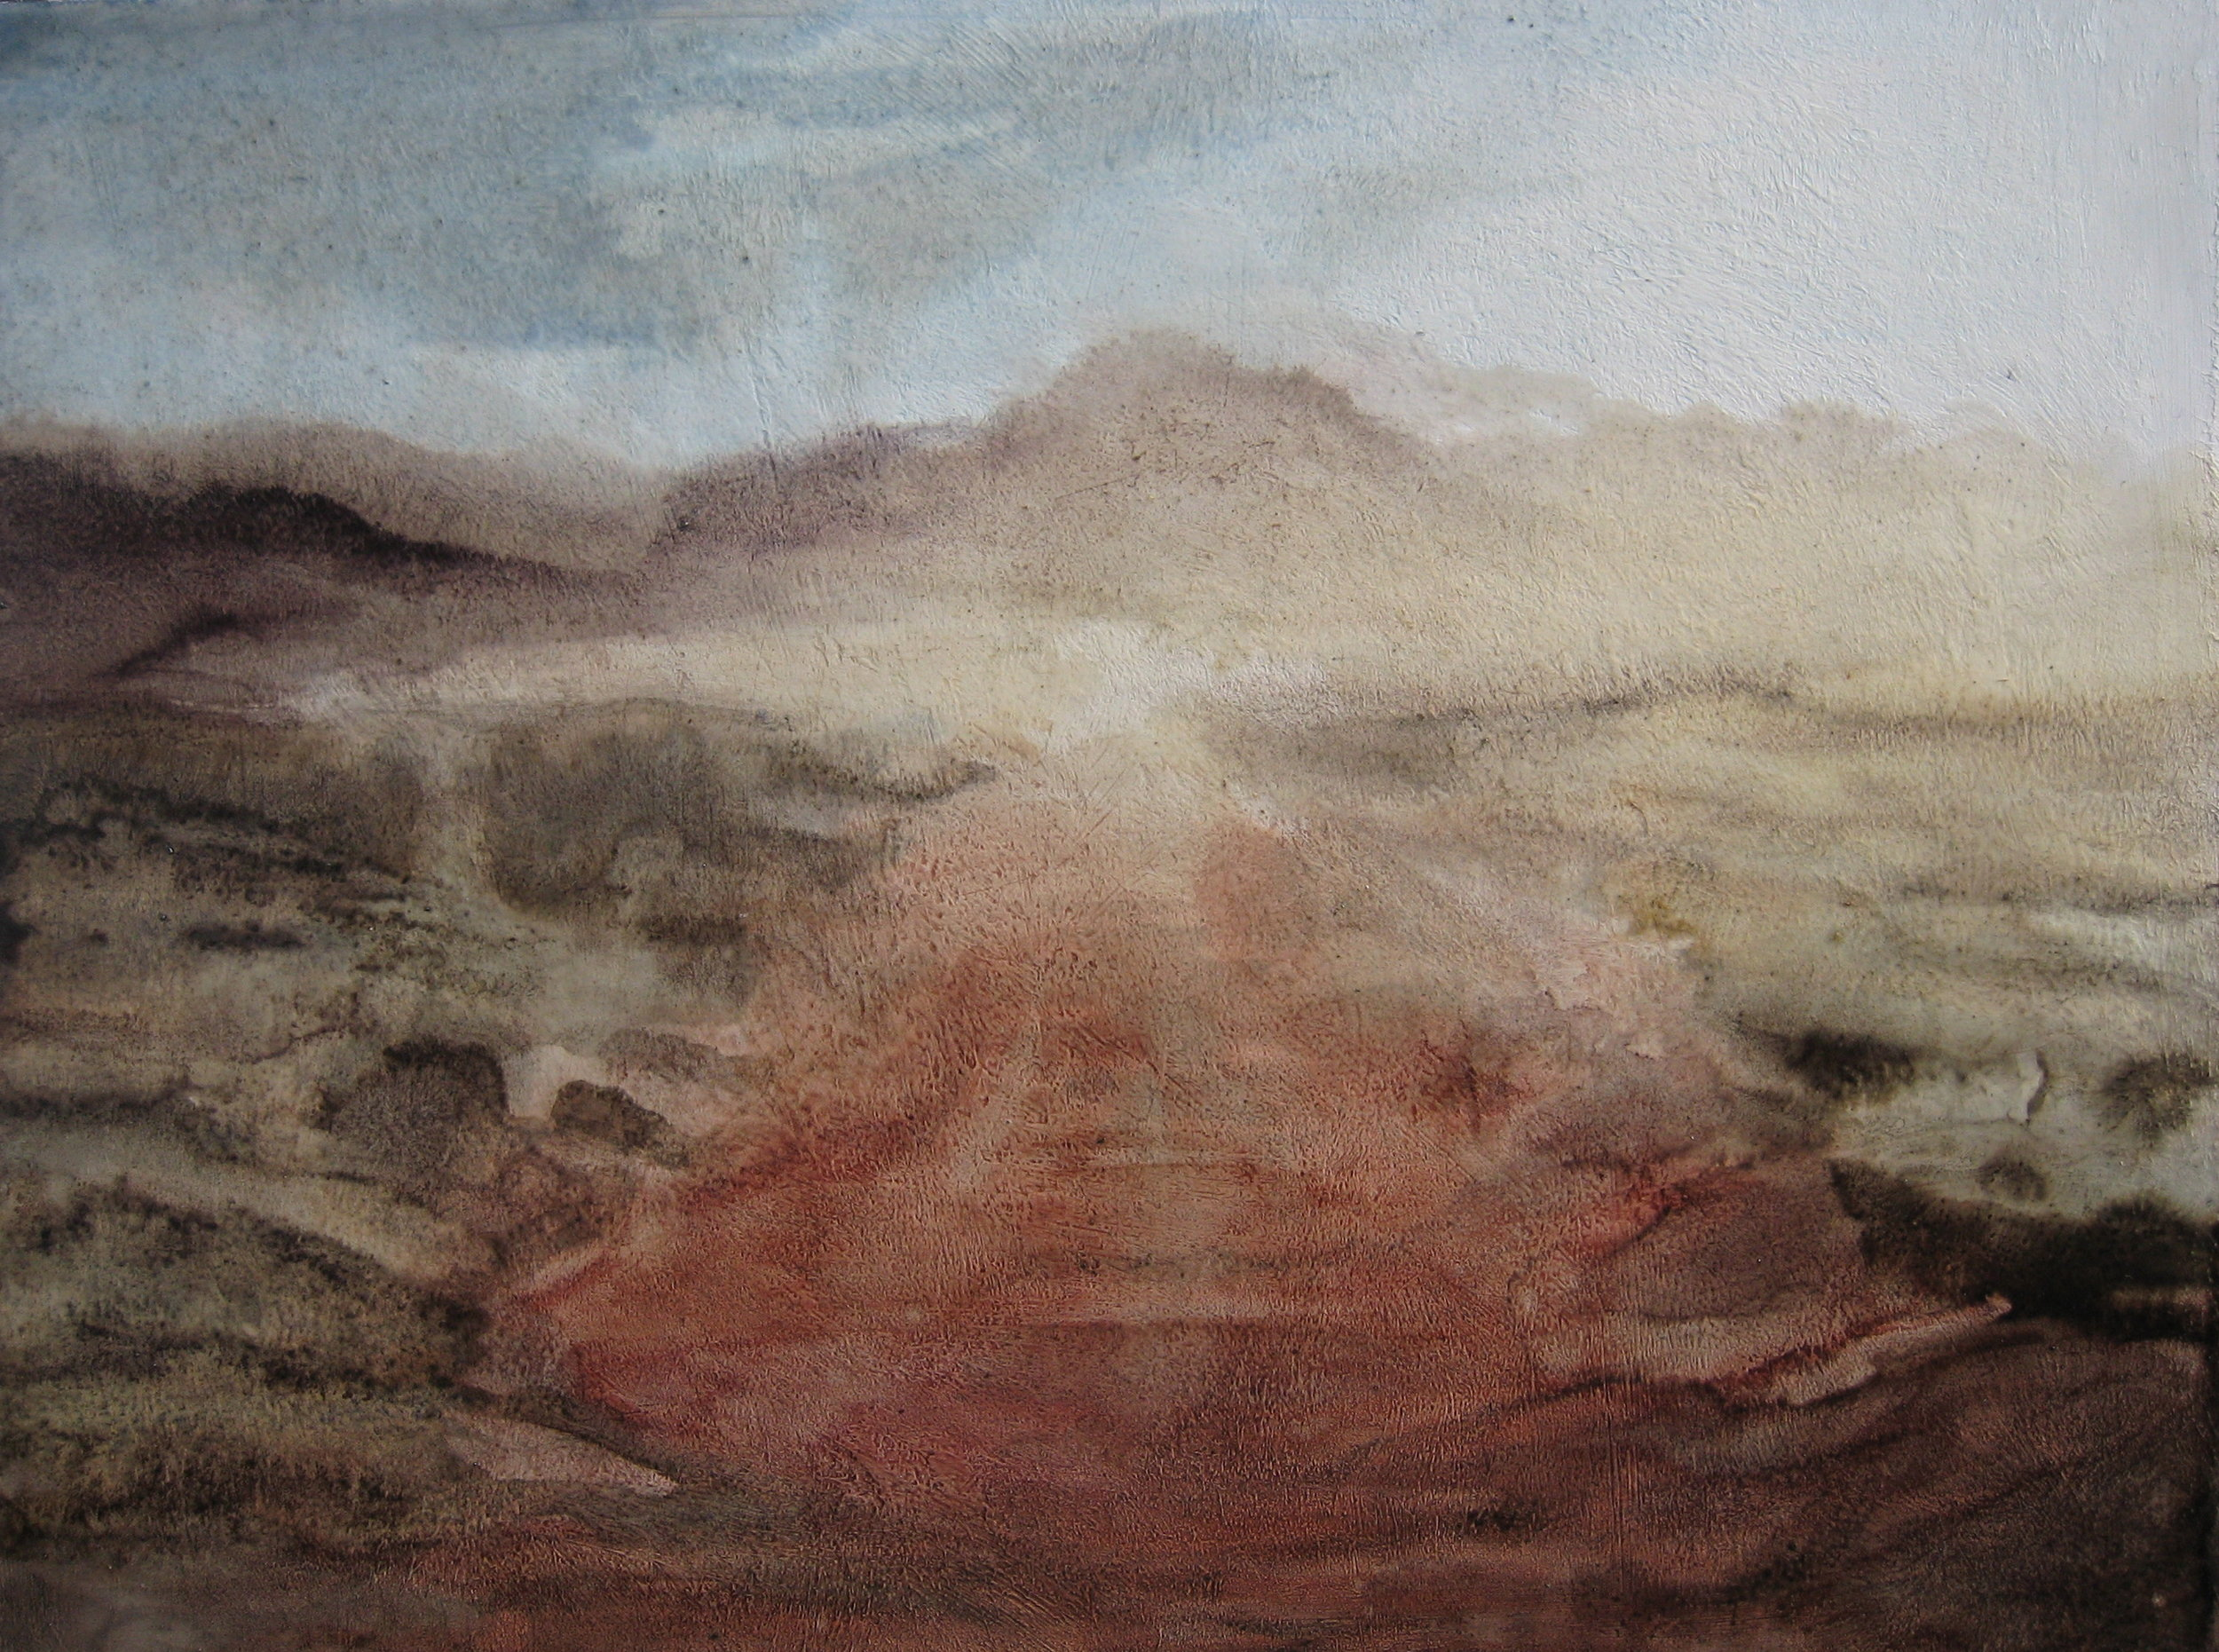 """Dust Embodies Light, Oil - 2014 - 12x16"""" - $250"""